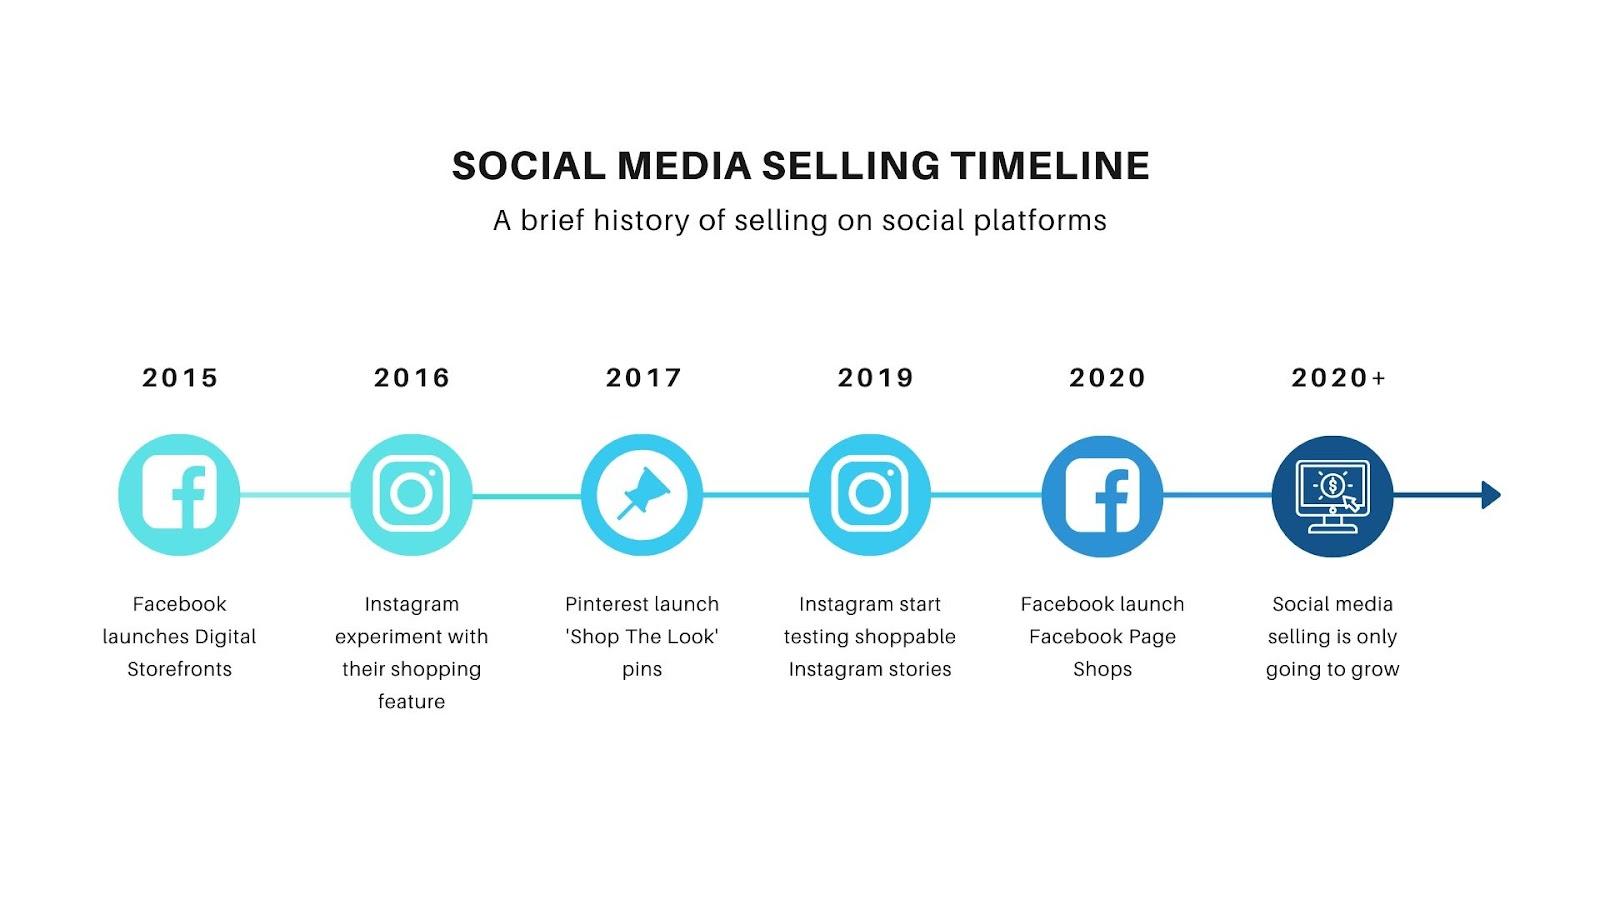 timeline of social media platform selling